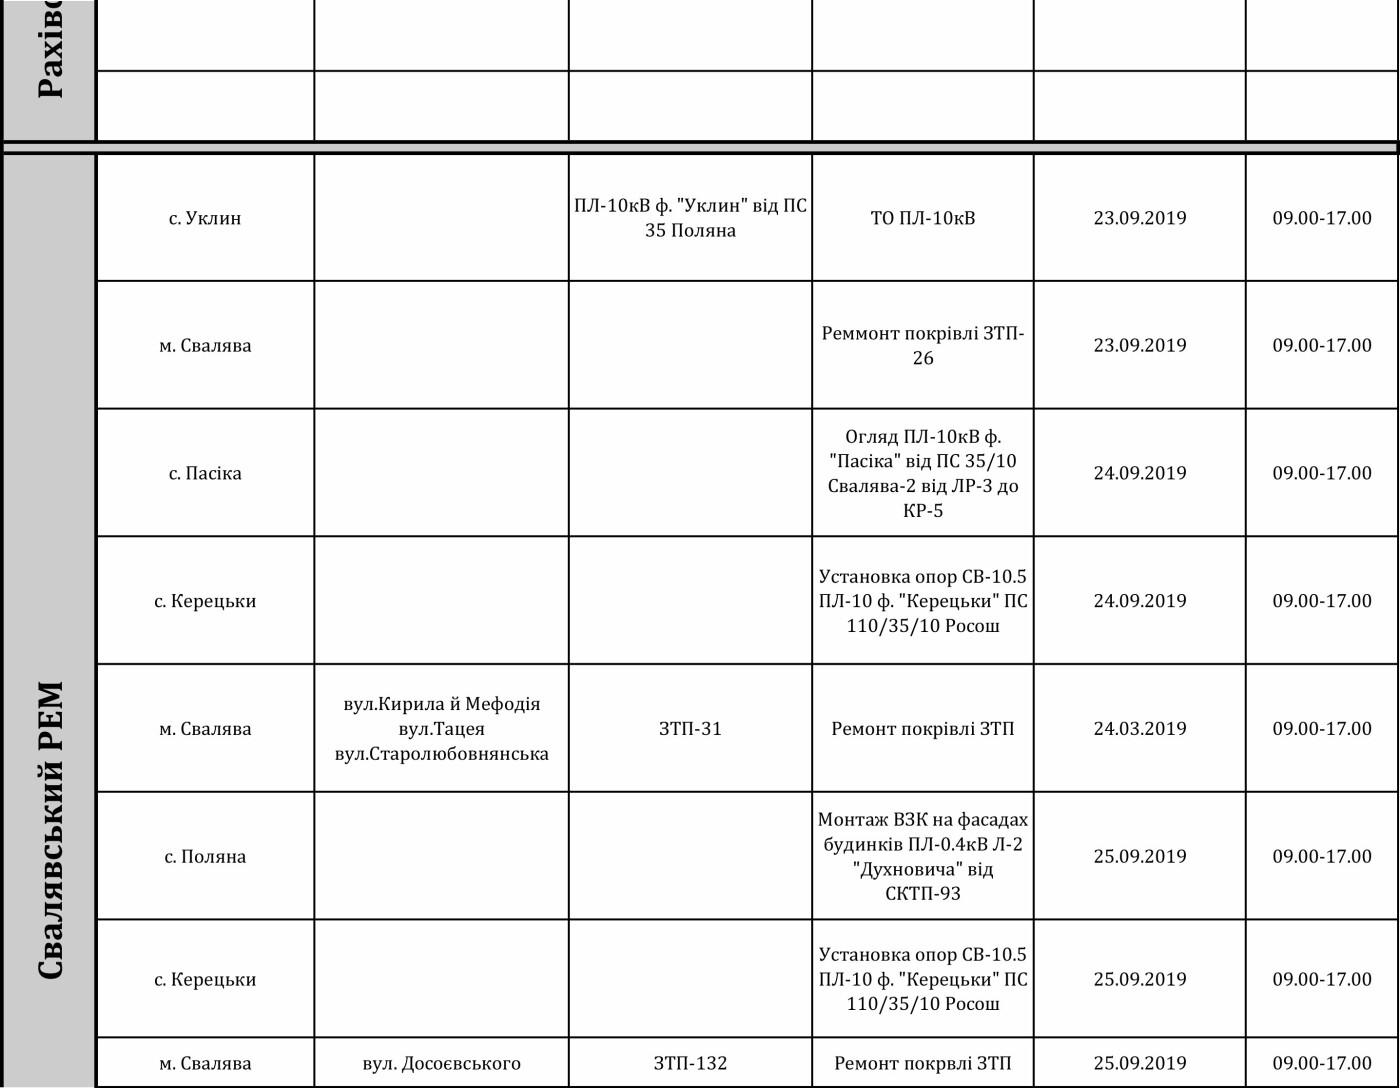 Графік відключення світла на Закарпатті з 23 по 27 вересня, фото-7